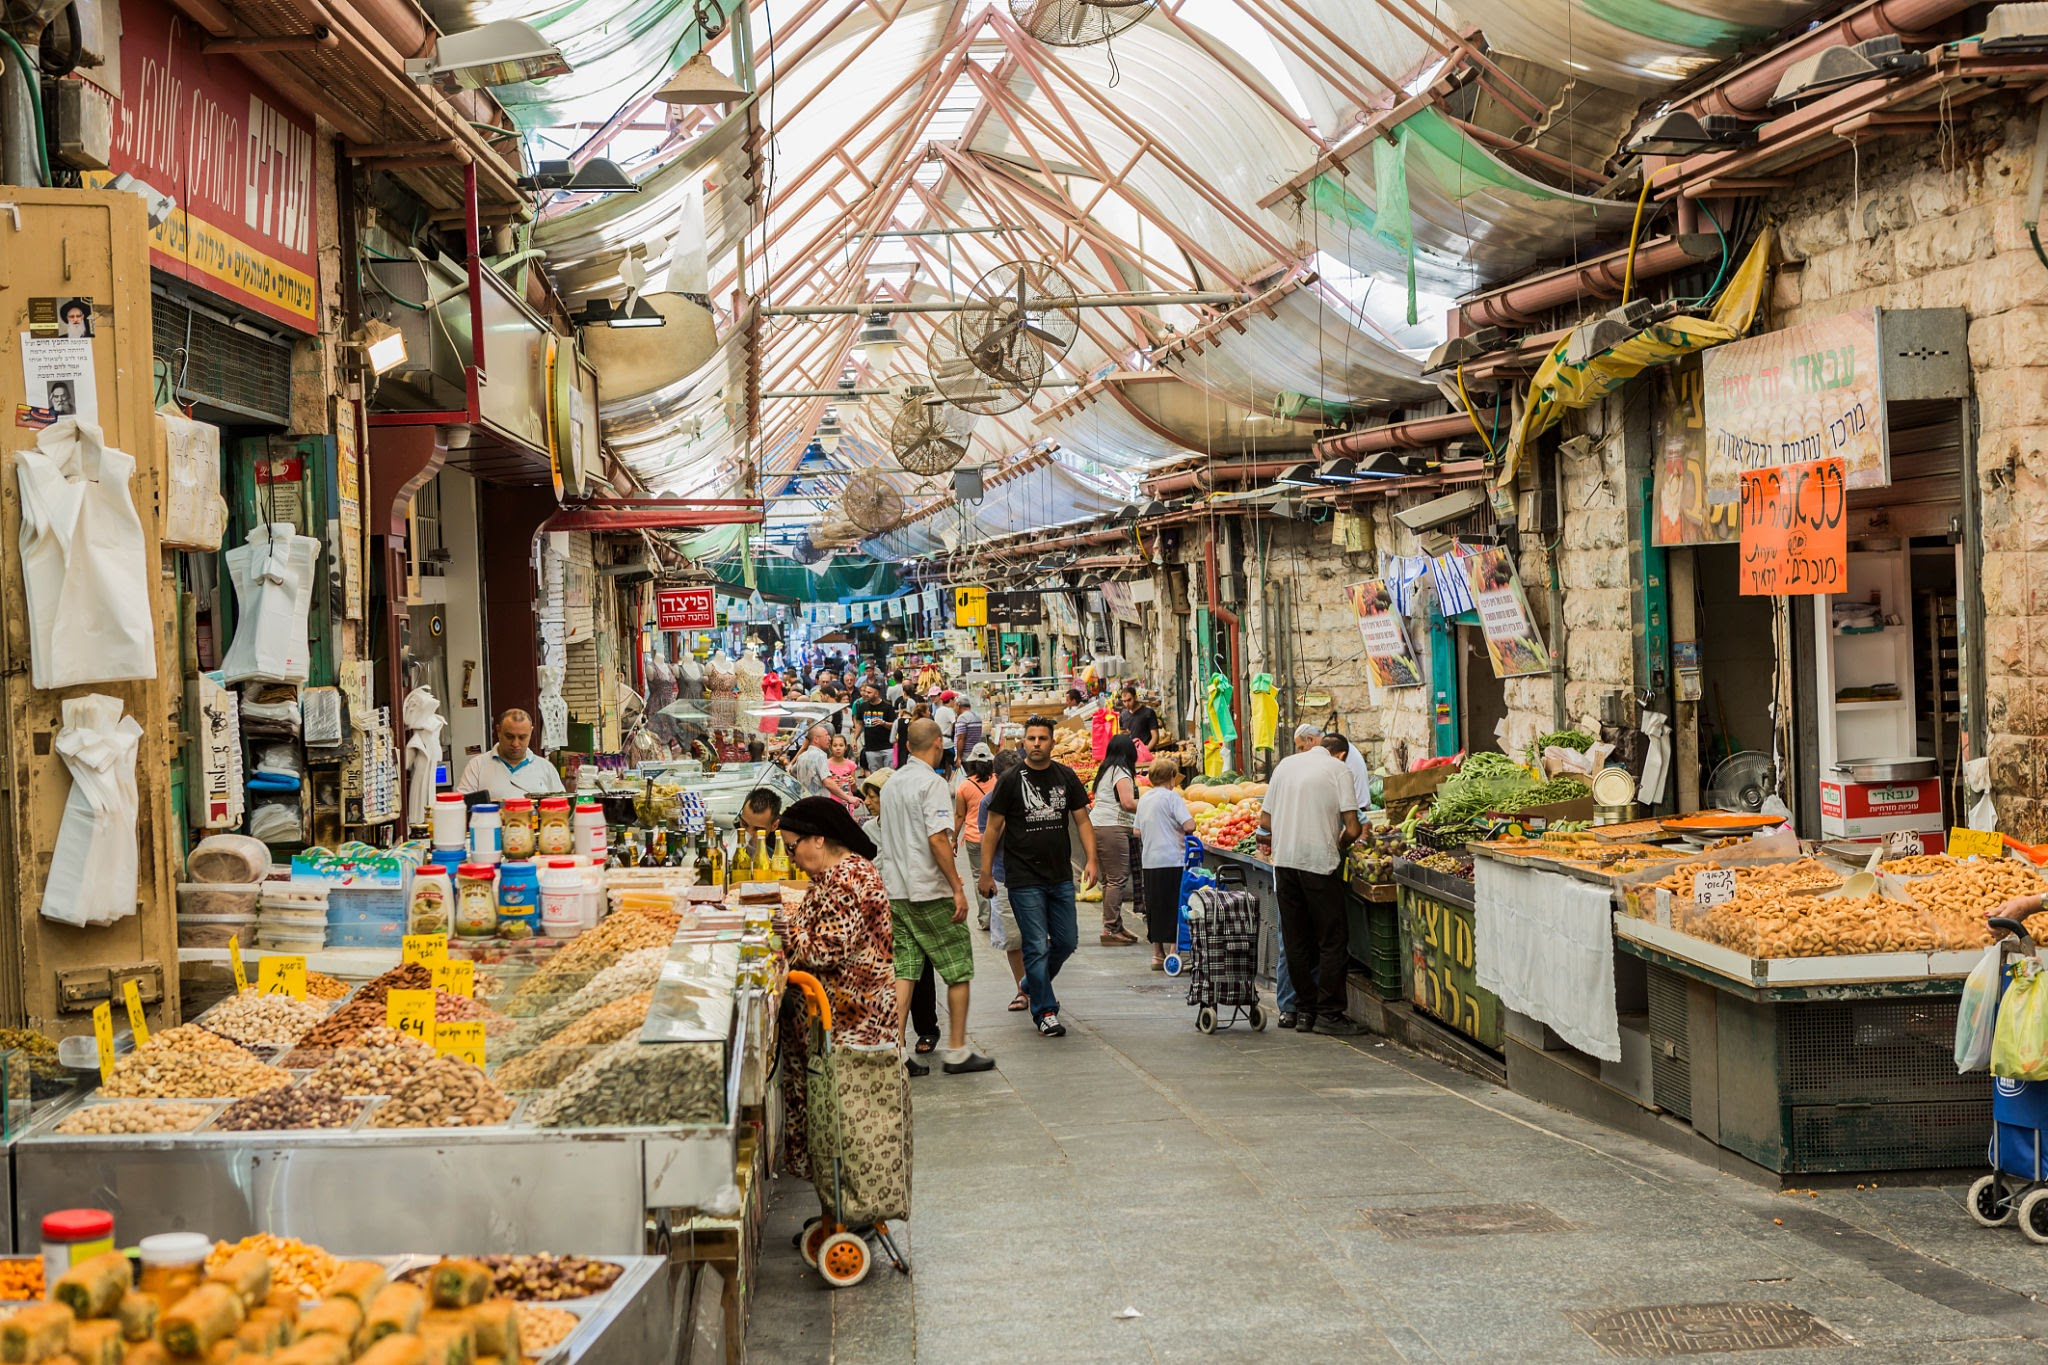 Mahane Yehuda Market